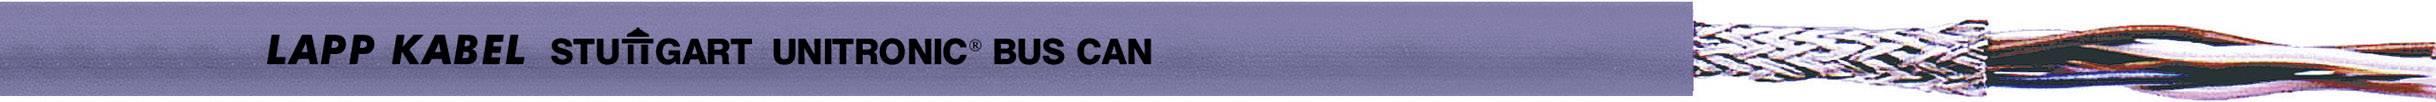 Zbernicový kábel LappKabel UNITRONIC® BUS 2170266, vnější Ø 7.50 mm, fialová, metrový tovar